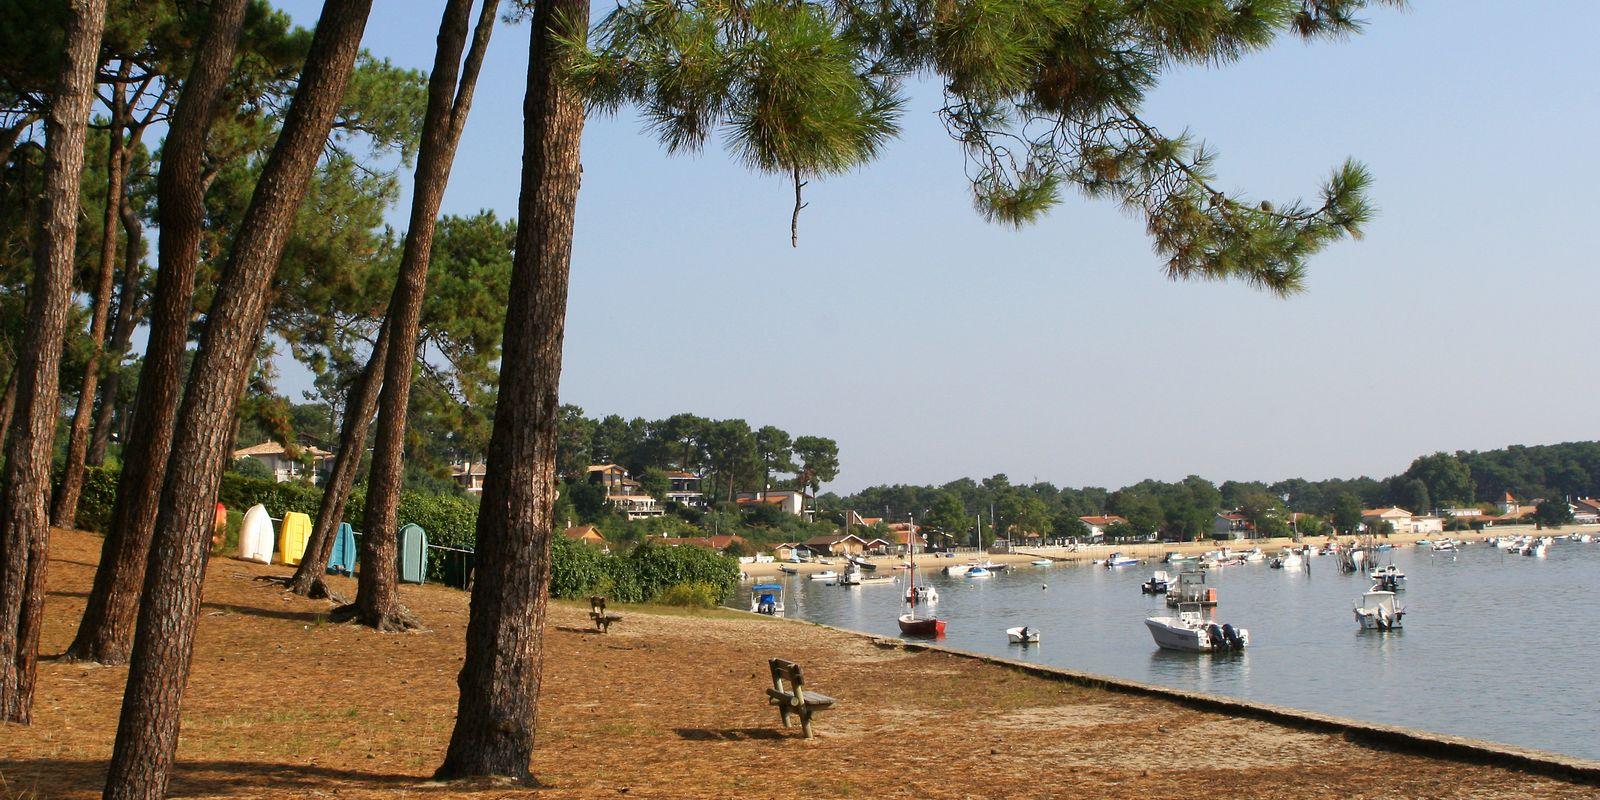 Les jacquets petit piquey plage activit s et h bergements - Lege cap ferret office de tourisme ...